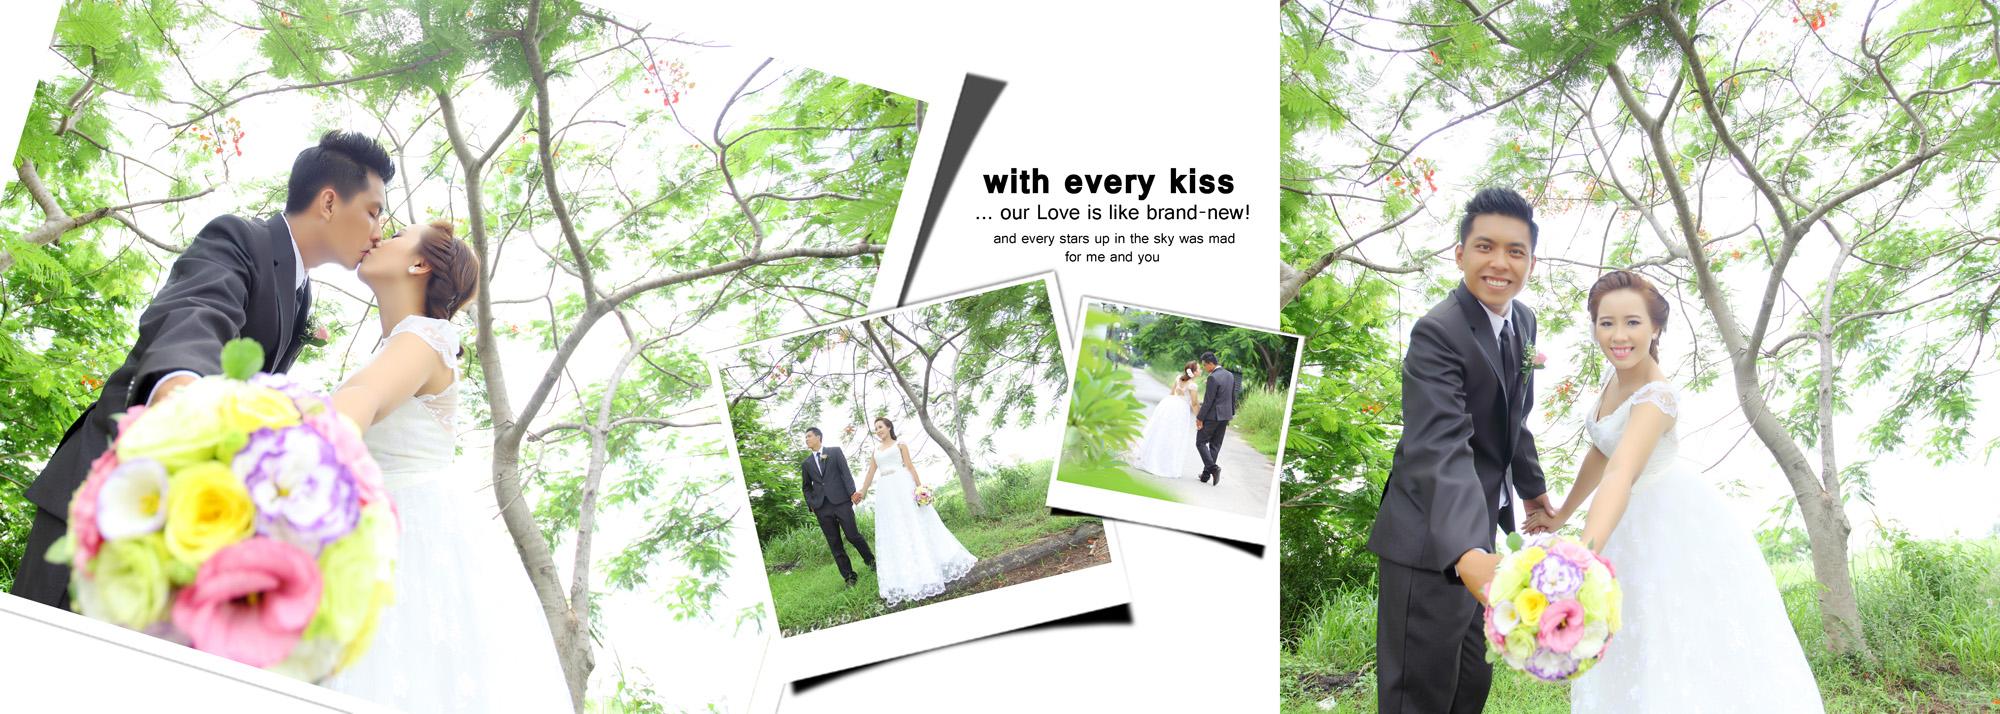 Album chụp hình cưới Quang và Thủy 5